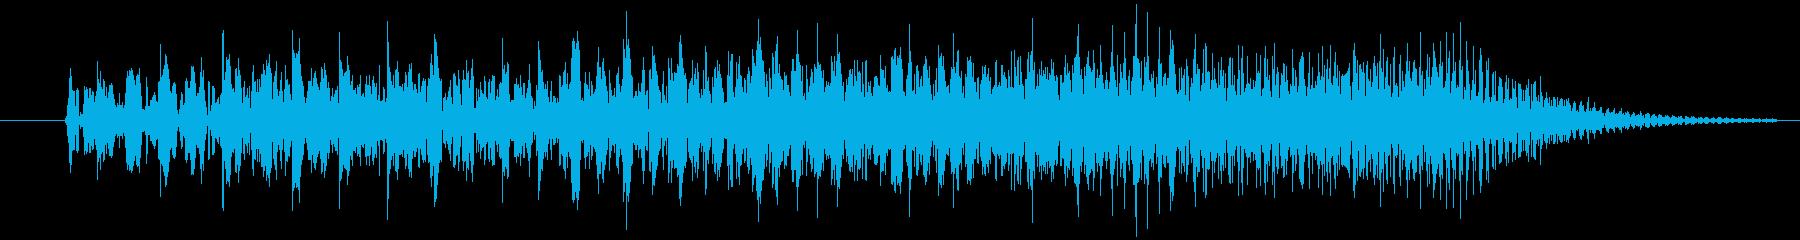 クイズ出題音2の再生済みの波形